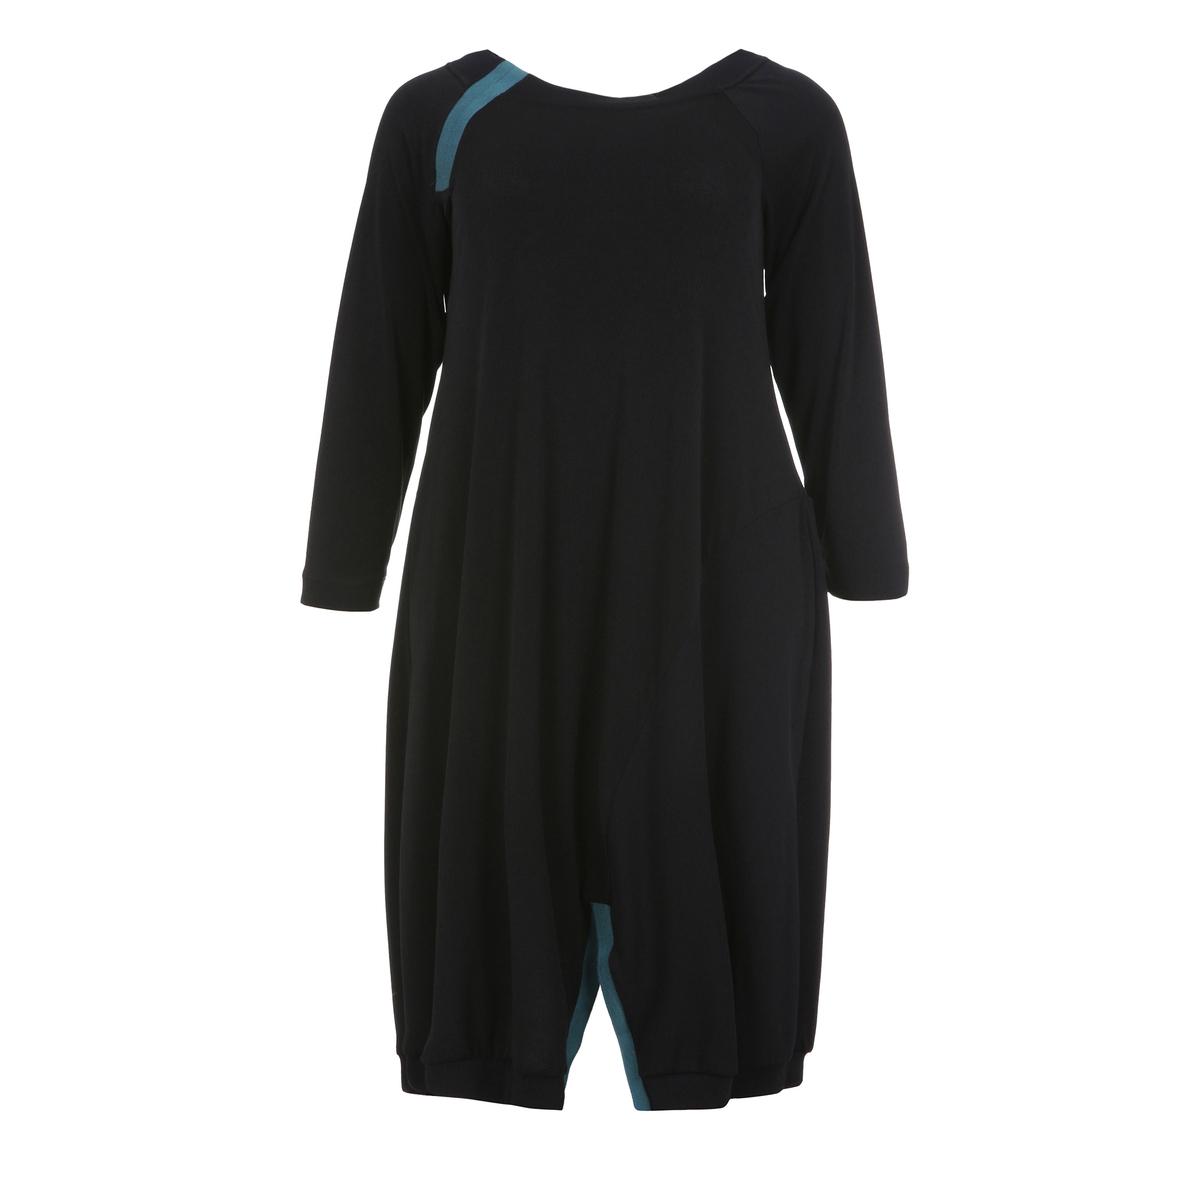 Платье-туникаТуника из мягкого материала с контрастными вставками и асимметричным низом . Длинные рукава. Закругленный вырез.<br><br>Цвет: черный